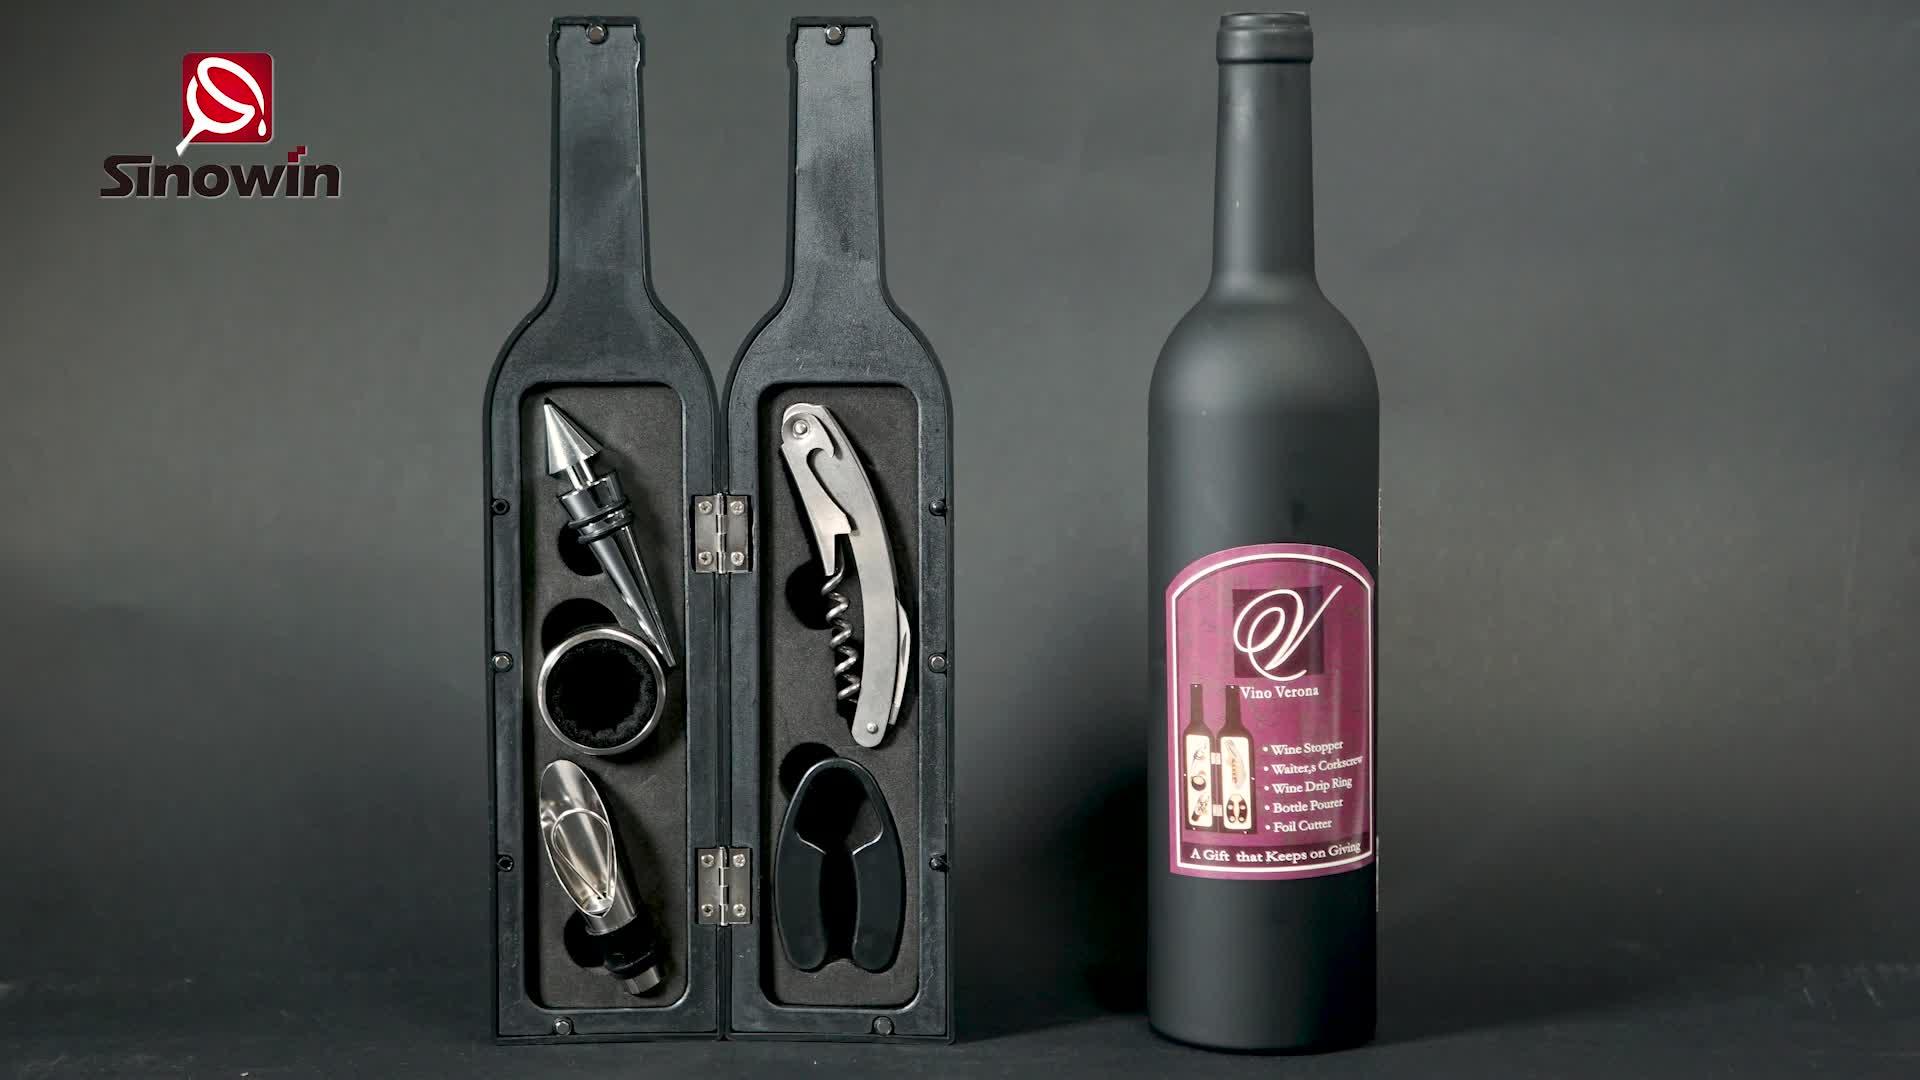 โลโก้ที่กำหนดเองและแพคเกจ 5 pcs ขวดไวน์ชุดของขวัญ